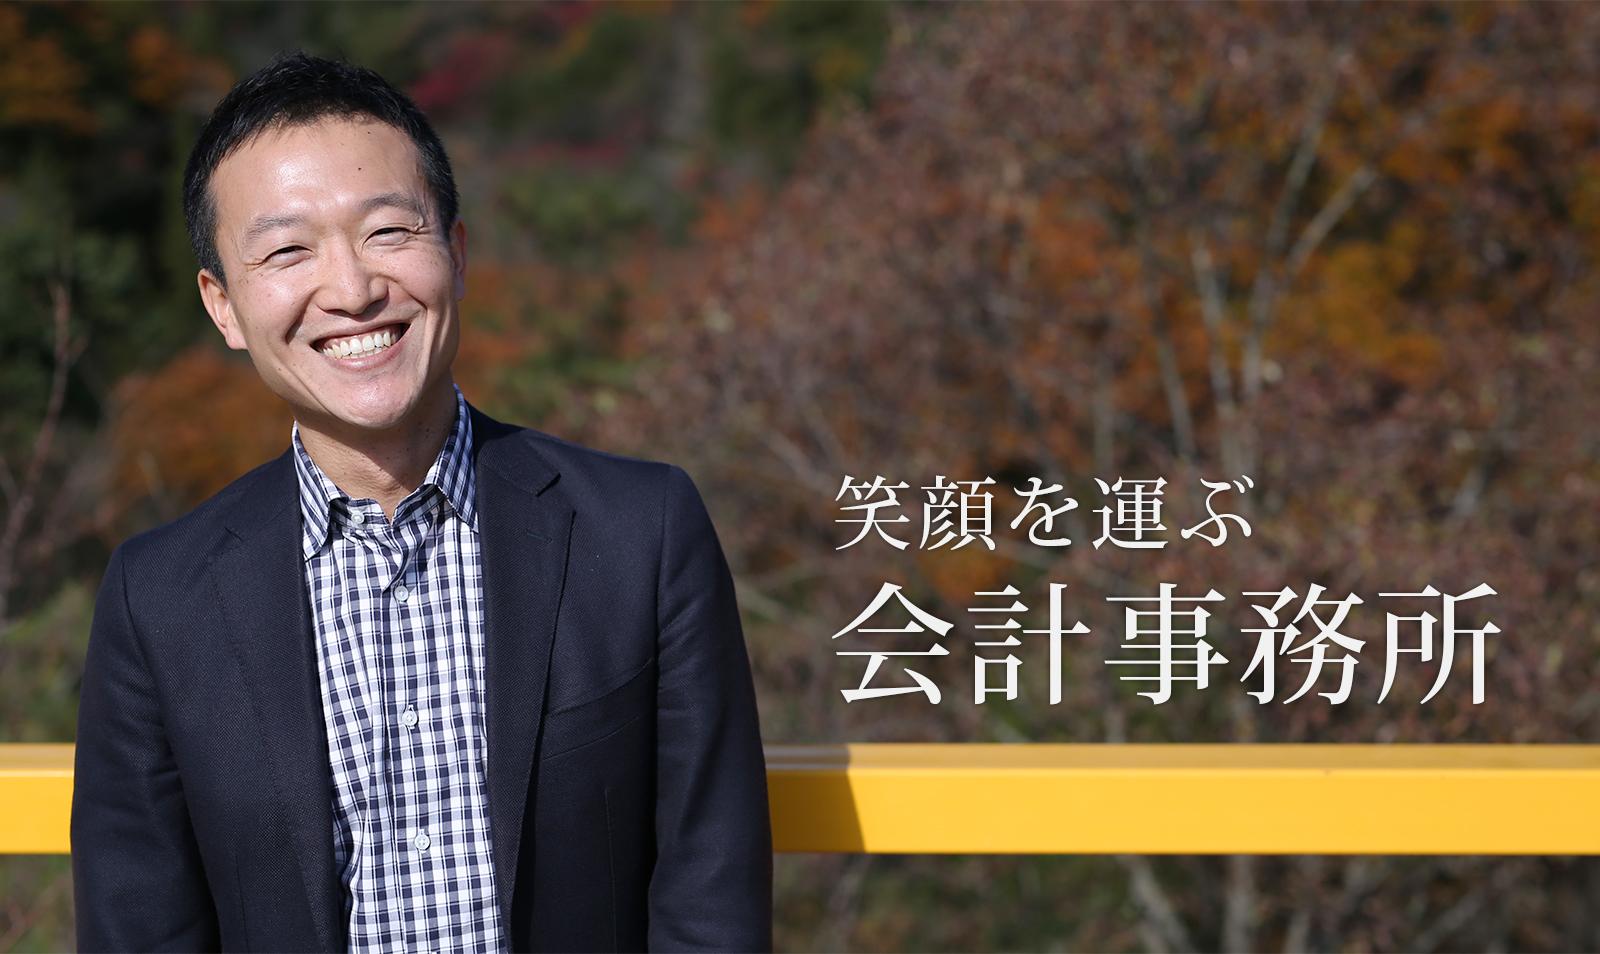 税理士・会計士を神戸・西宮・芦屋・宝塚でお探しなら横山会計事務所|税務申告・経理支援・起業支援